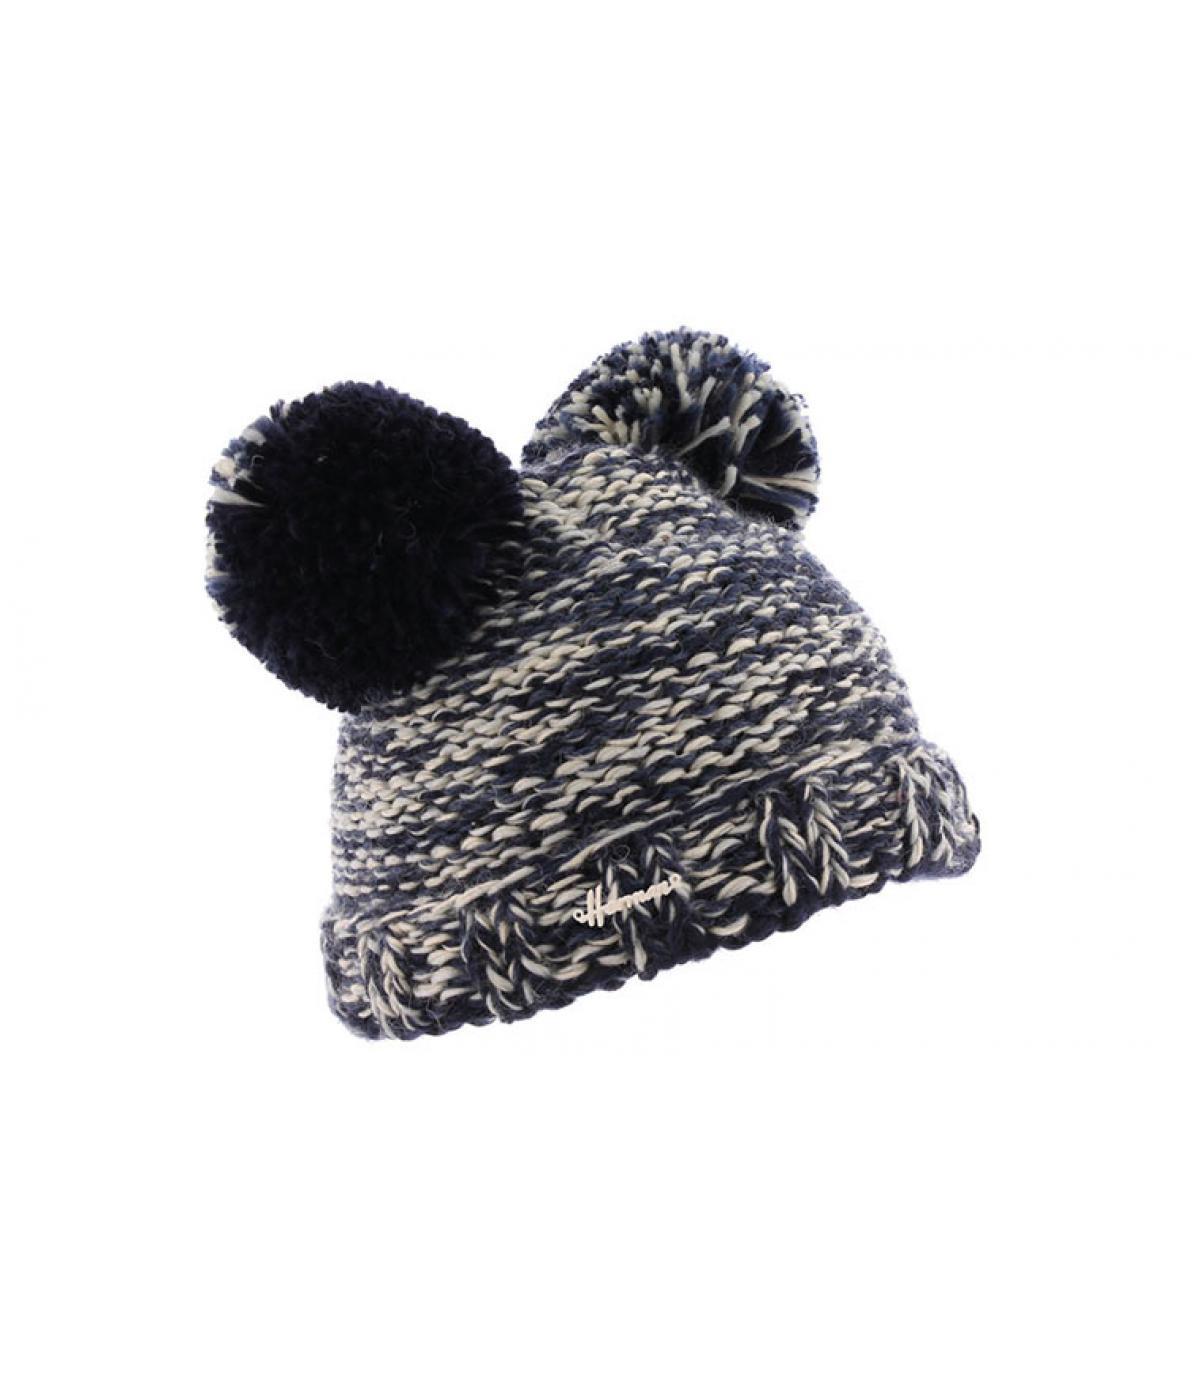 Gorro niño - Compra venta de Gorros niño. Primera sombrerería en línea.  Entrega en 48 72horas. 910e19041ac